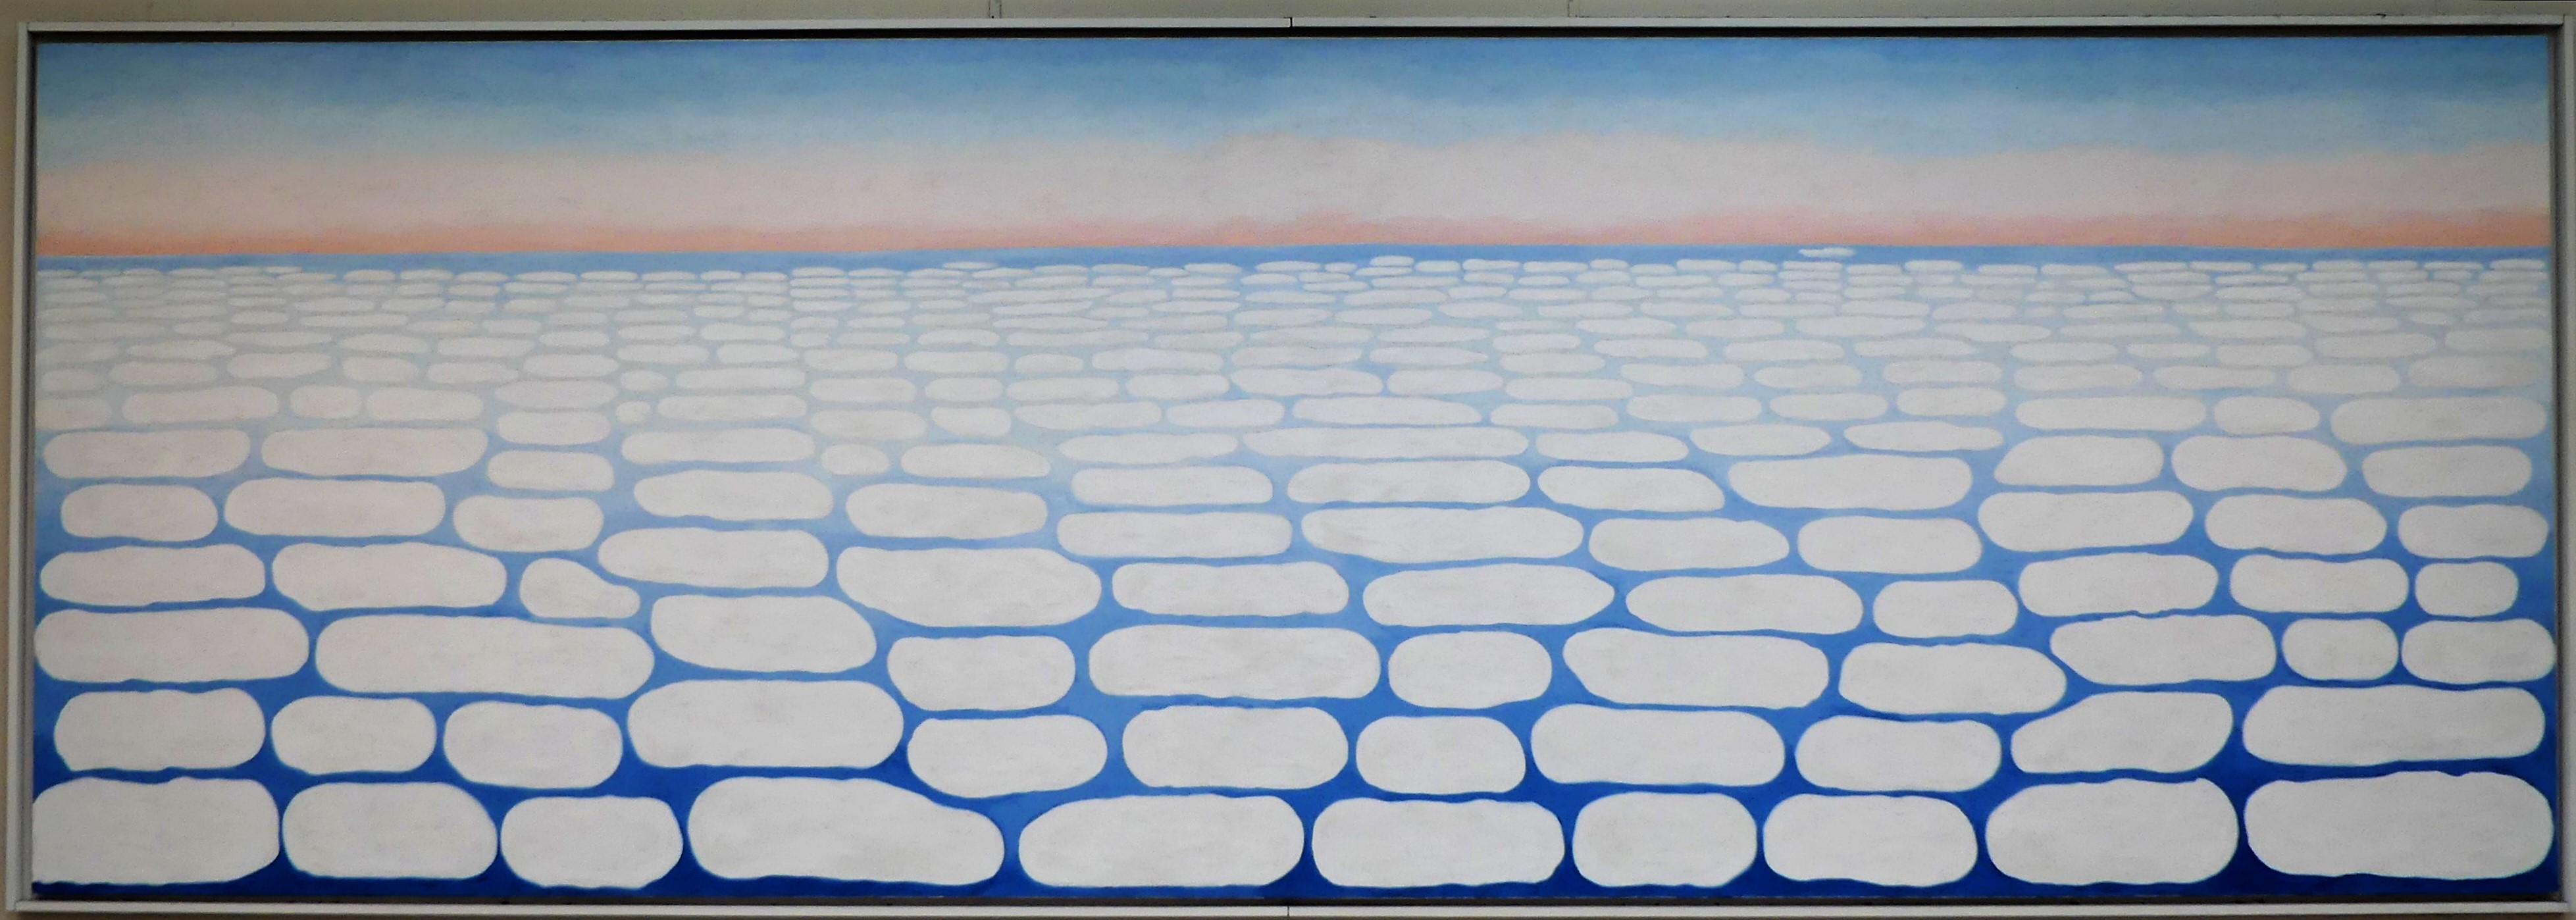 Georgia O'Keefe's Sky above Clouds IV